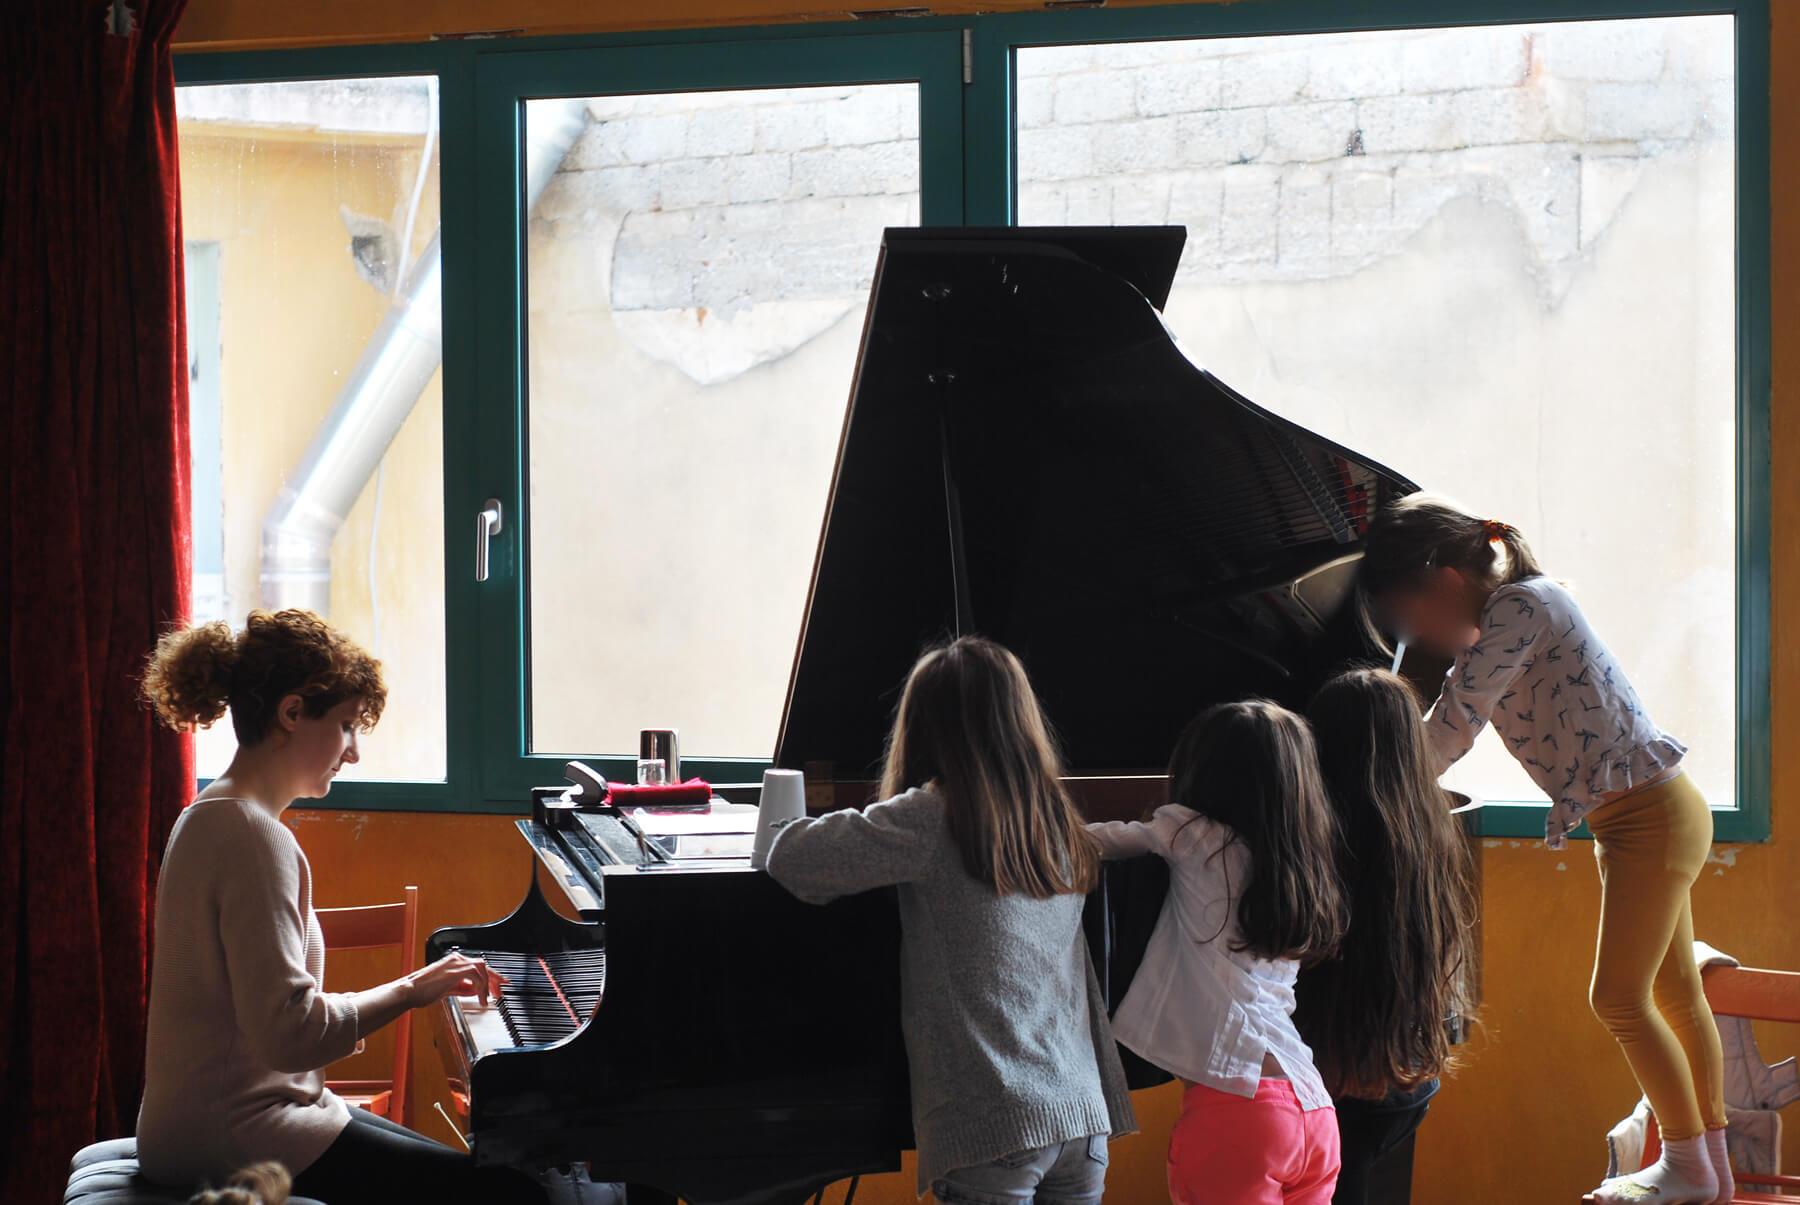 Δανάη Στέφανου Experimental Piano / muzike. family conceρts 09